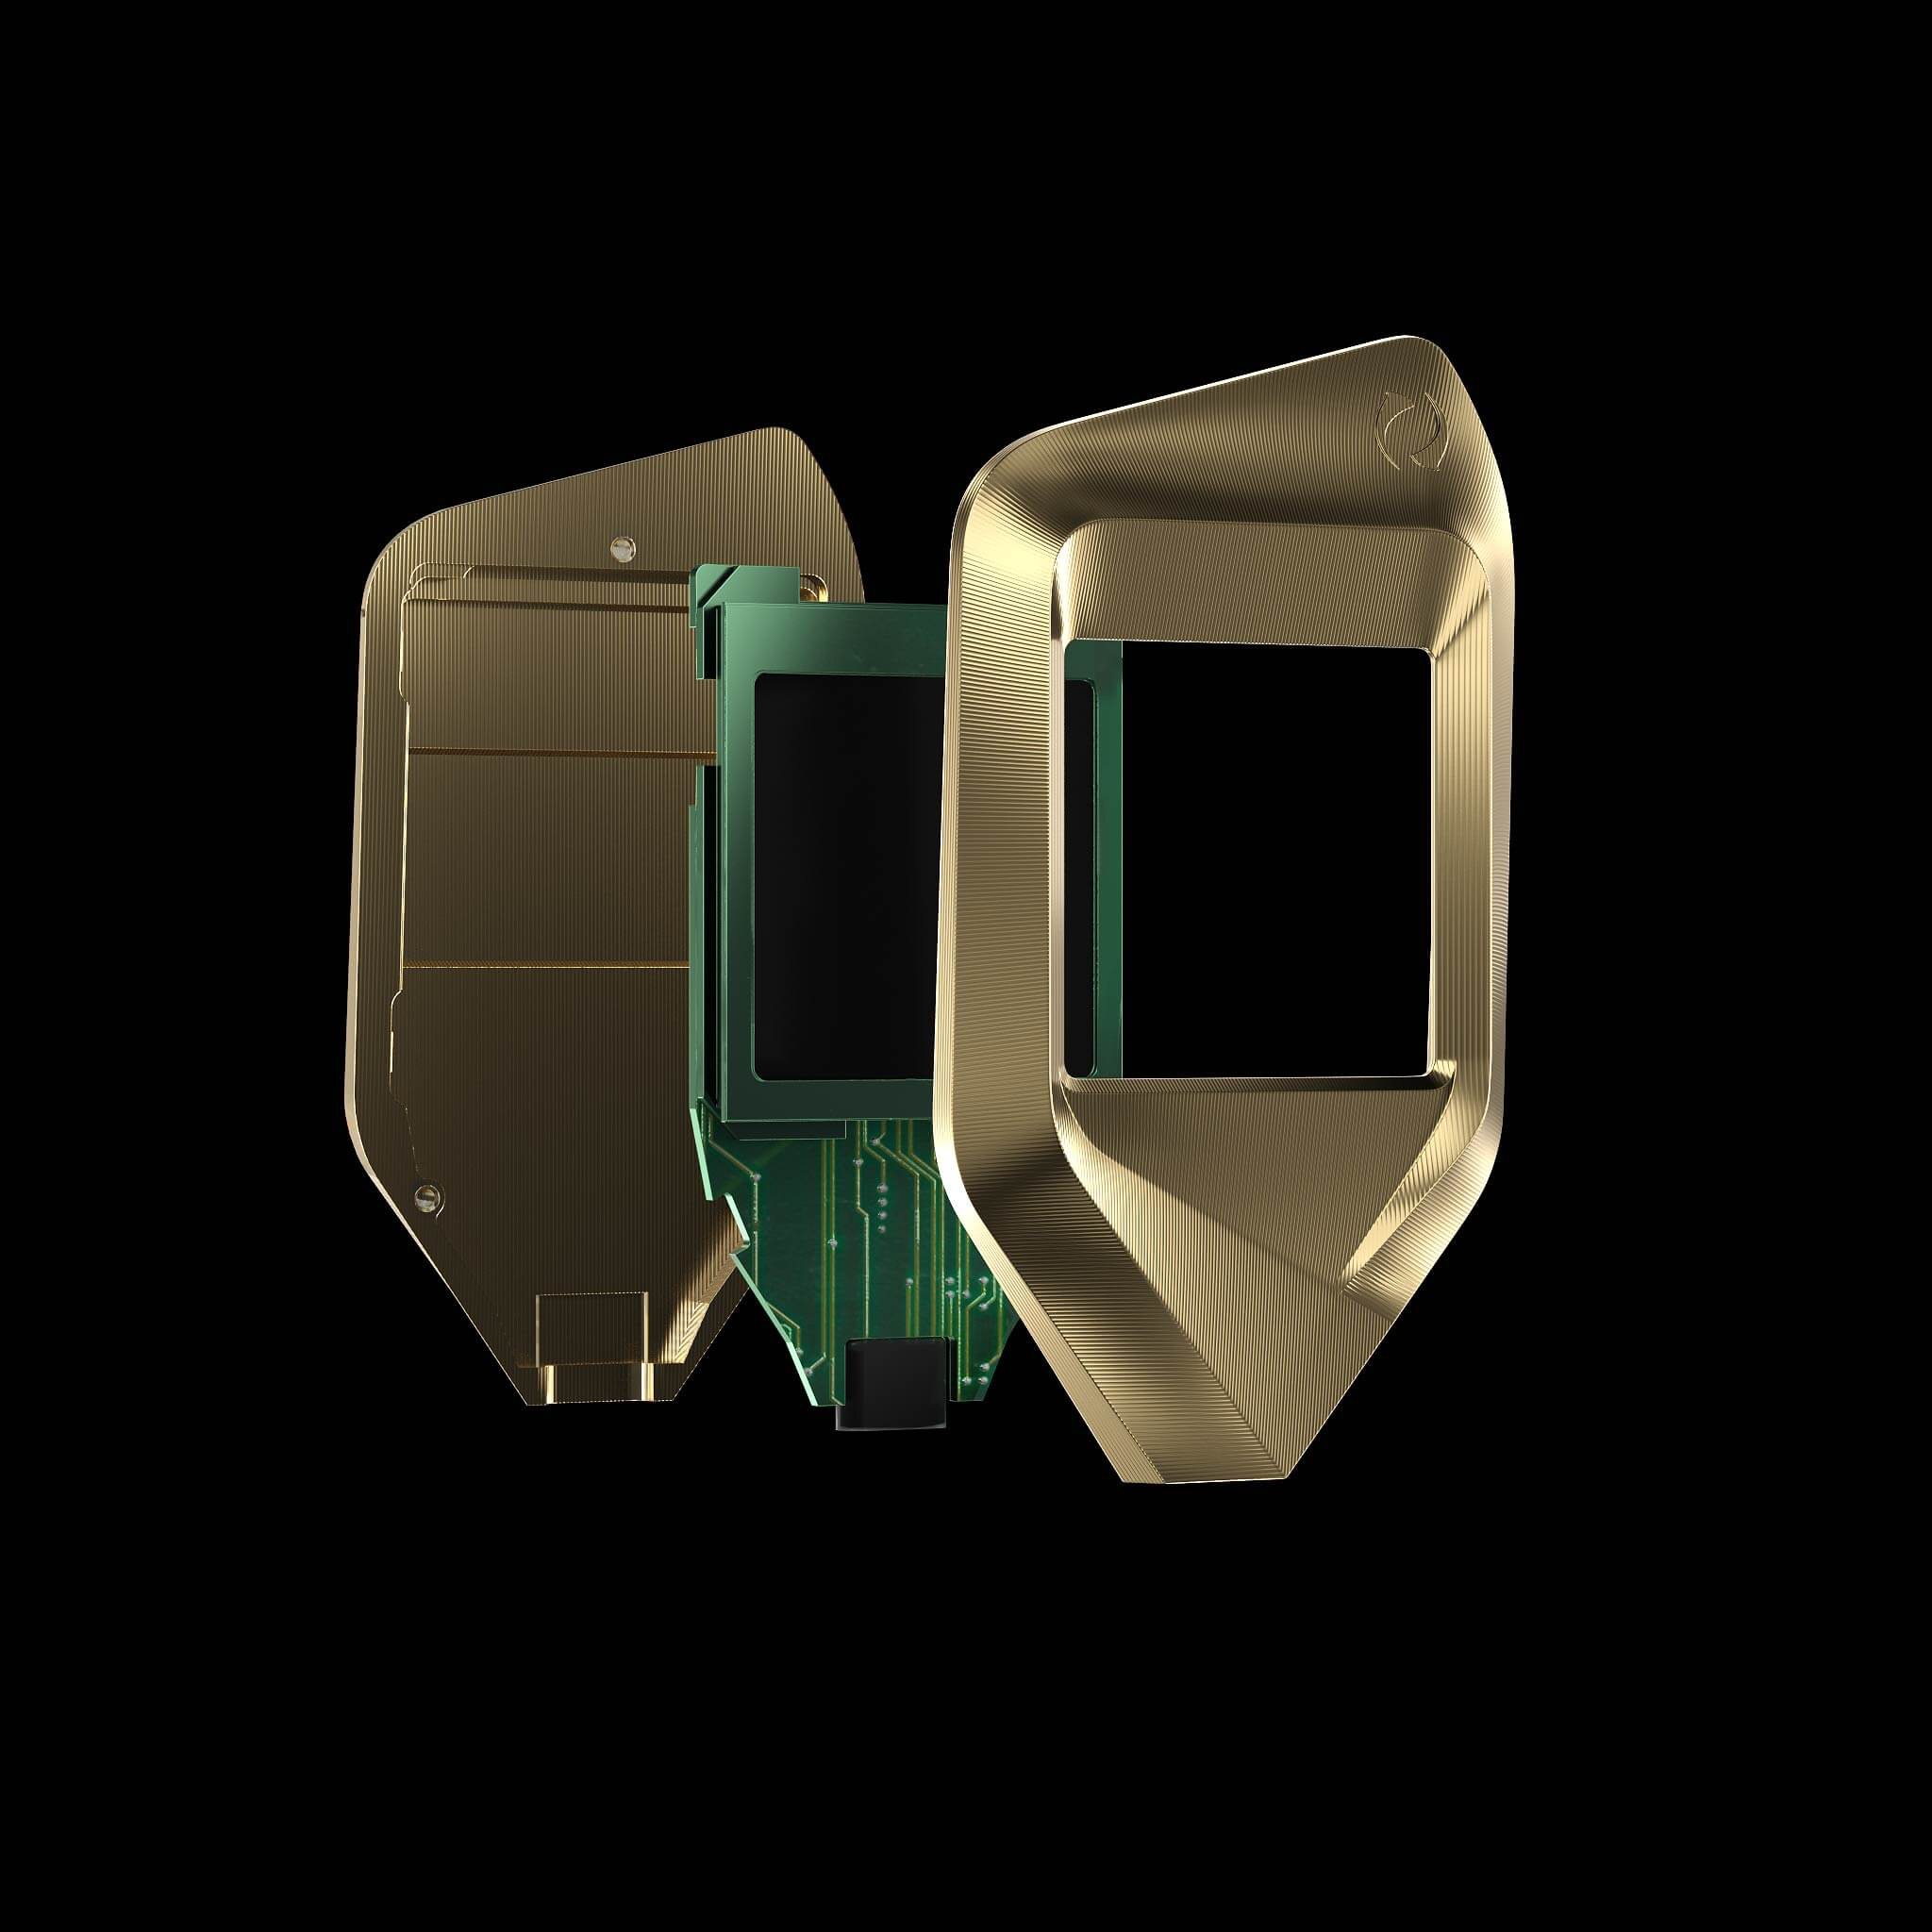 corazon gold titanium trezor bitcoin crypto hardware wallet